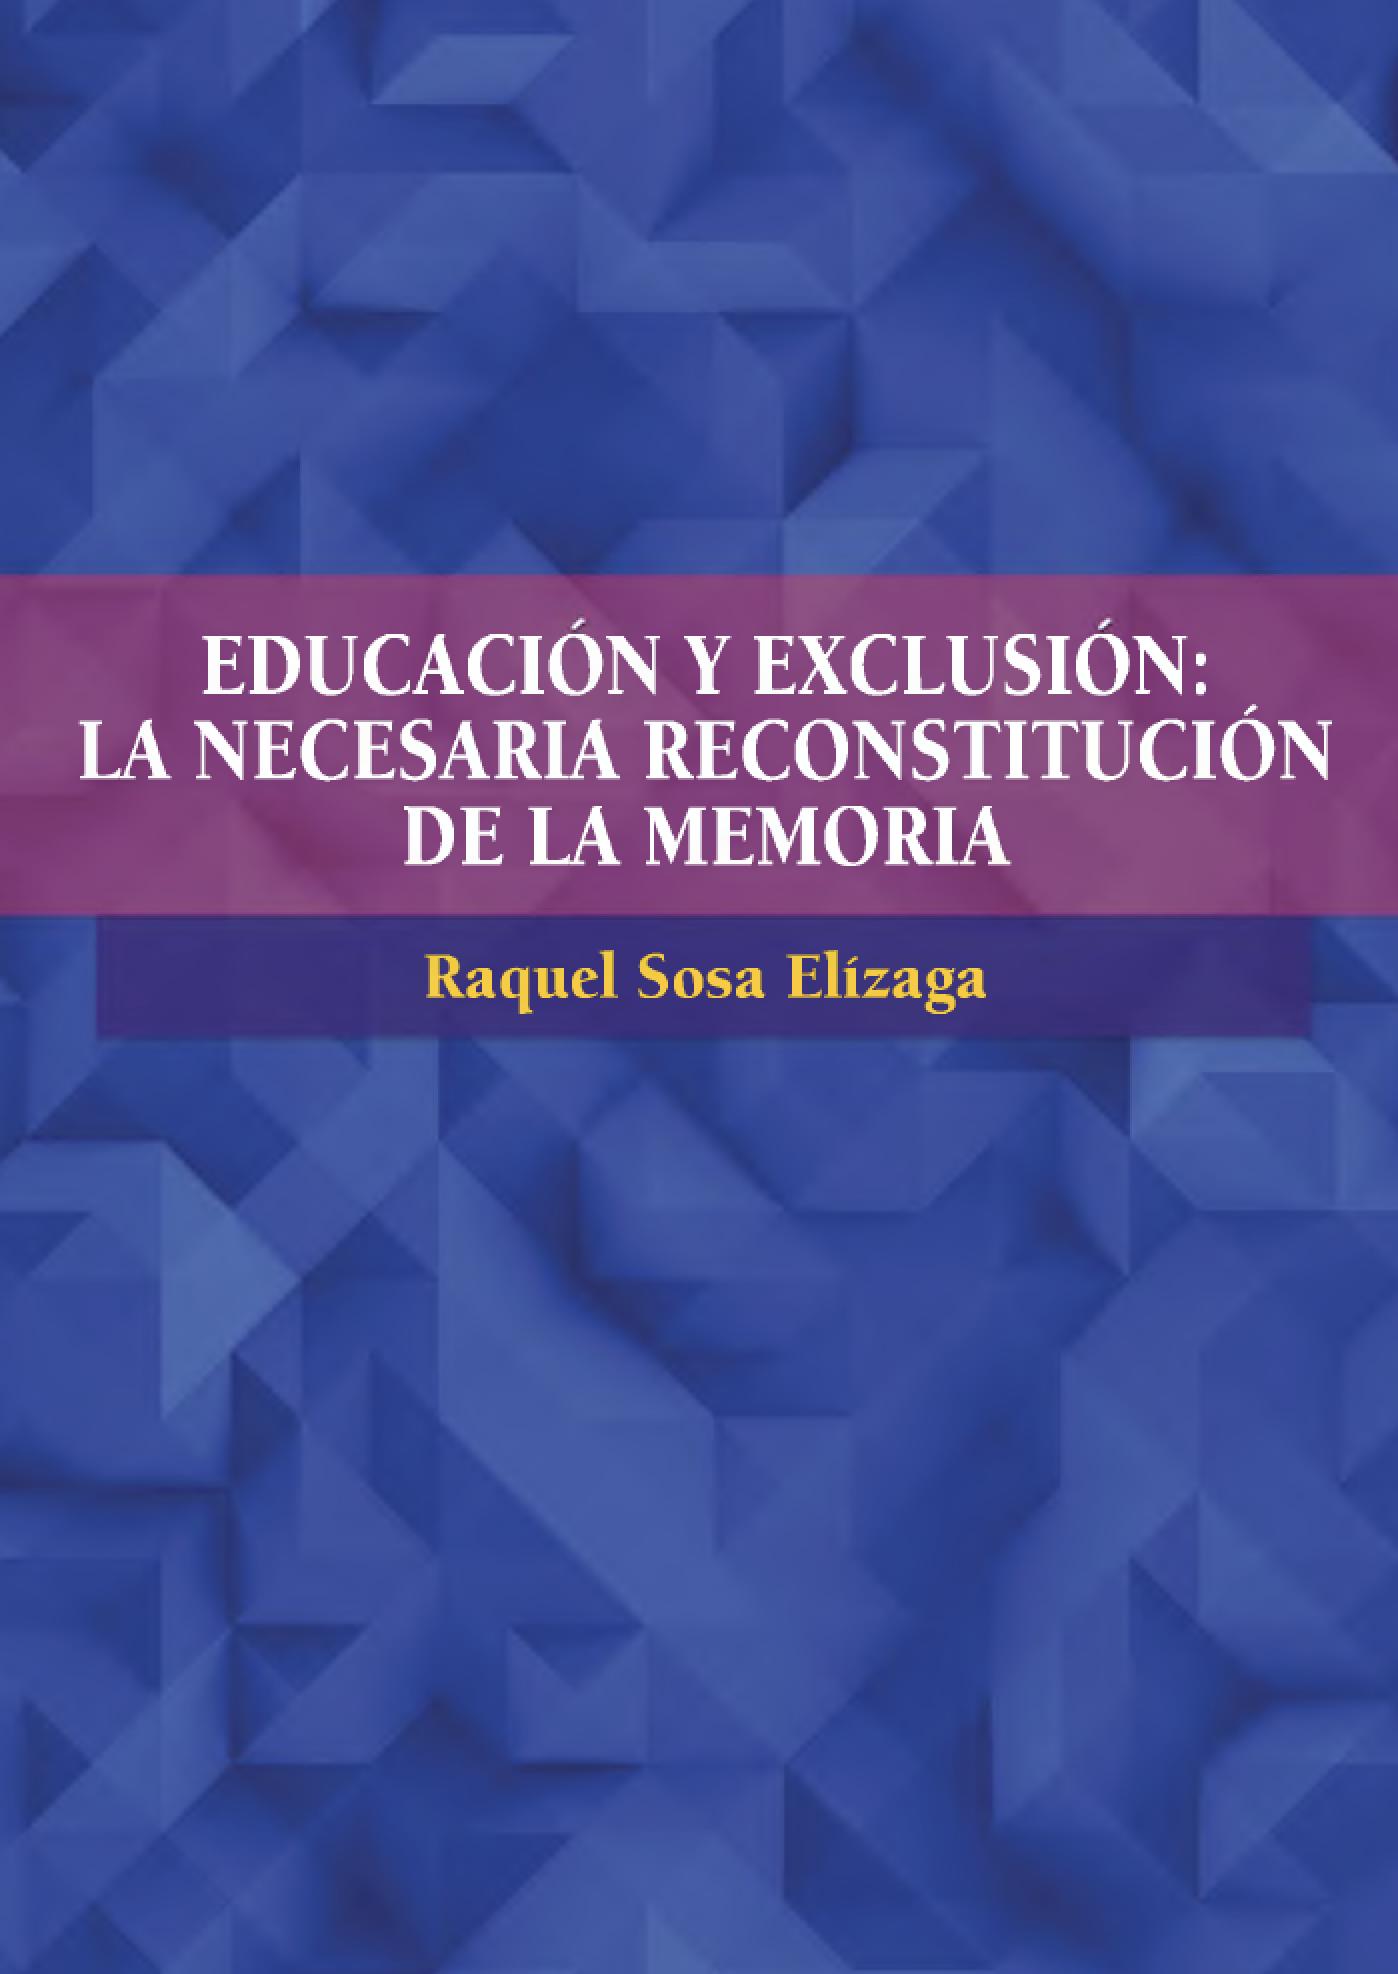 Educación y exclusión: La necesaria reconstitución de la memoria